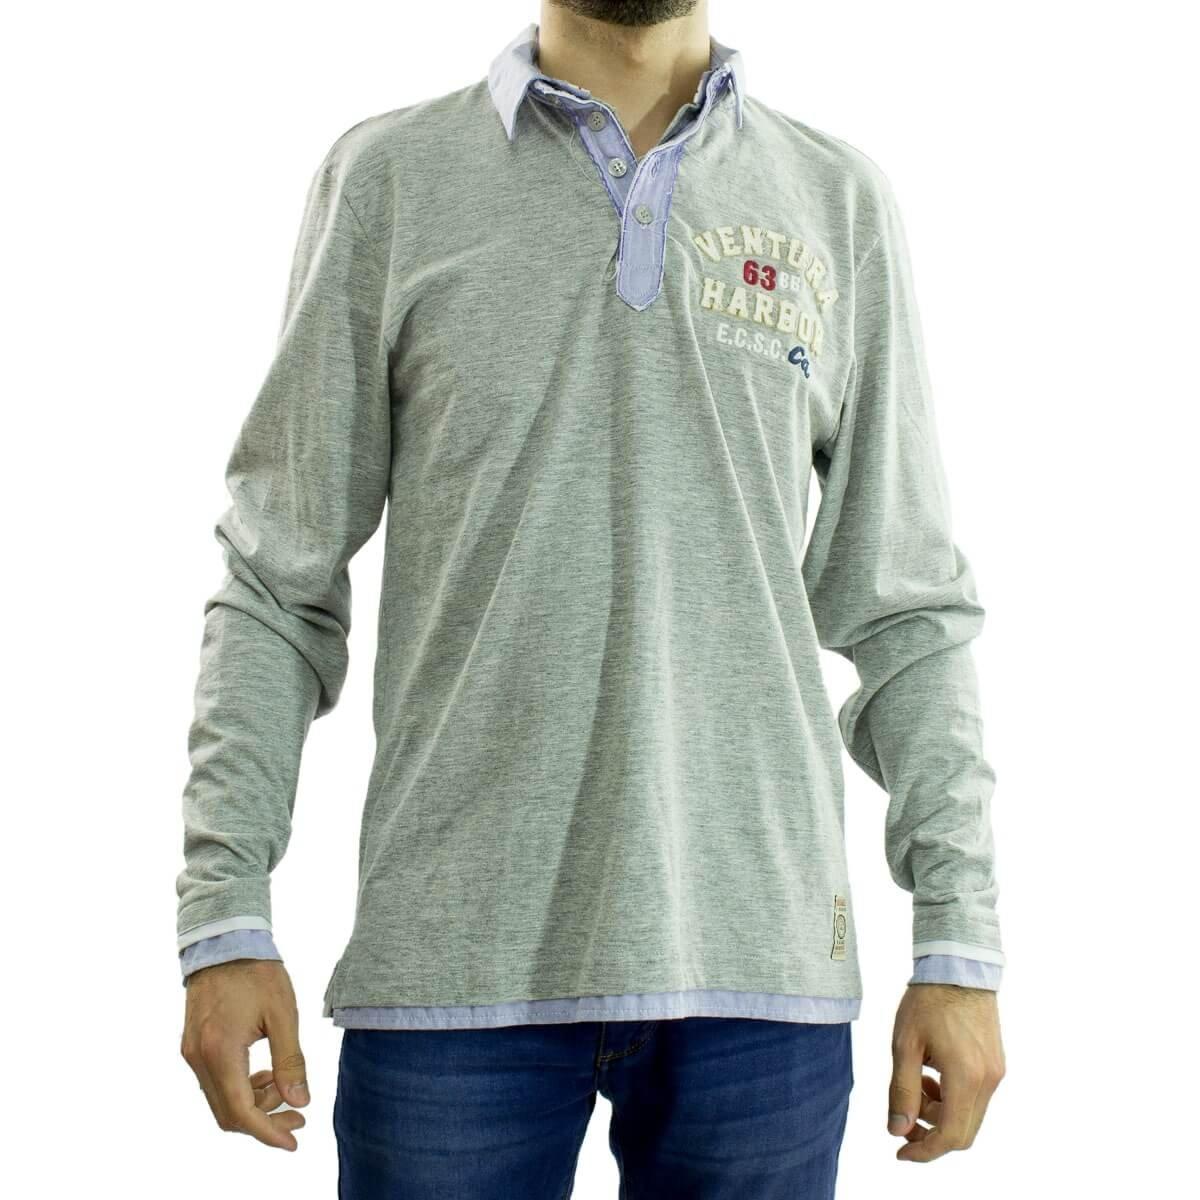 Bizz Store - Camisa Polo Masculina Beagle Manga Longa 0a5dc12559c